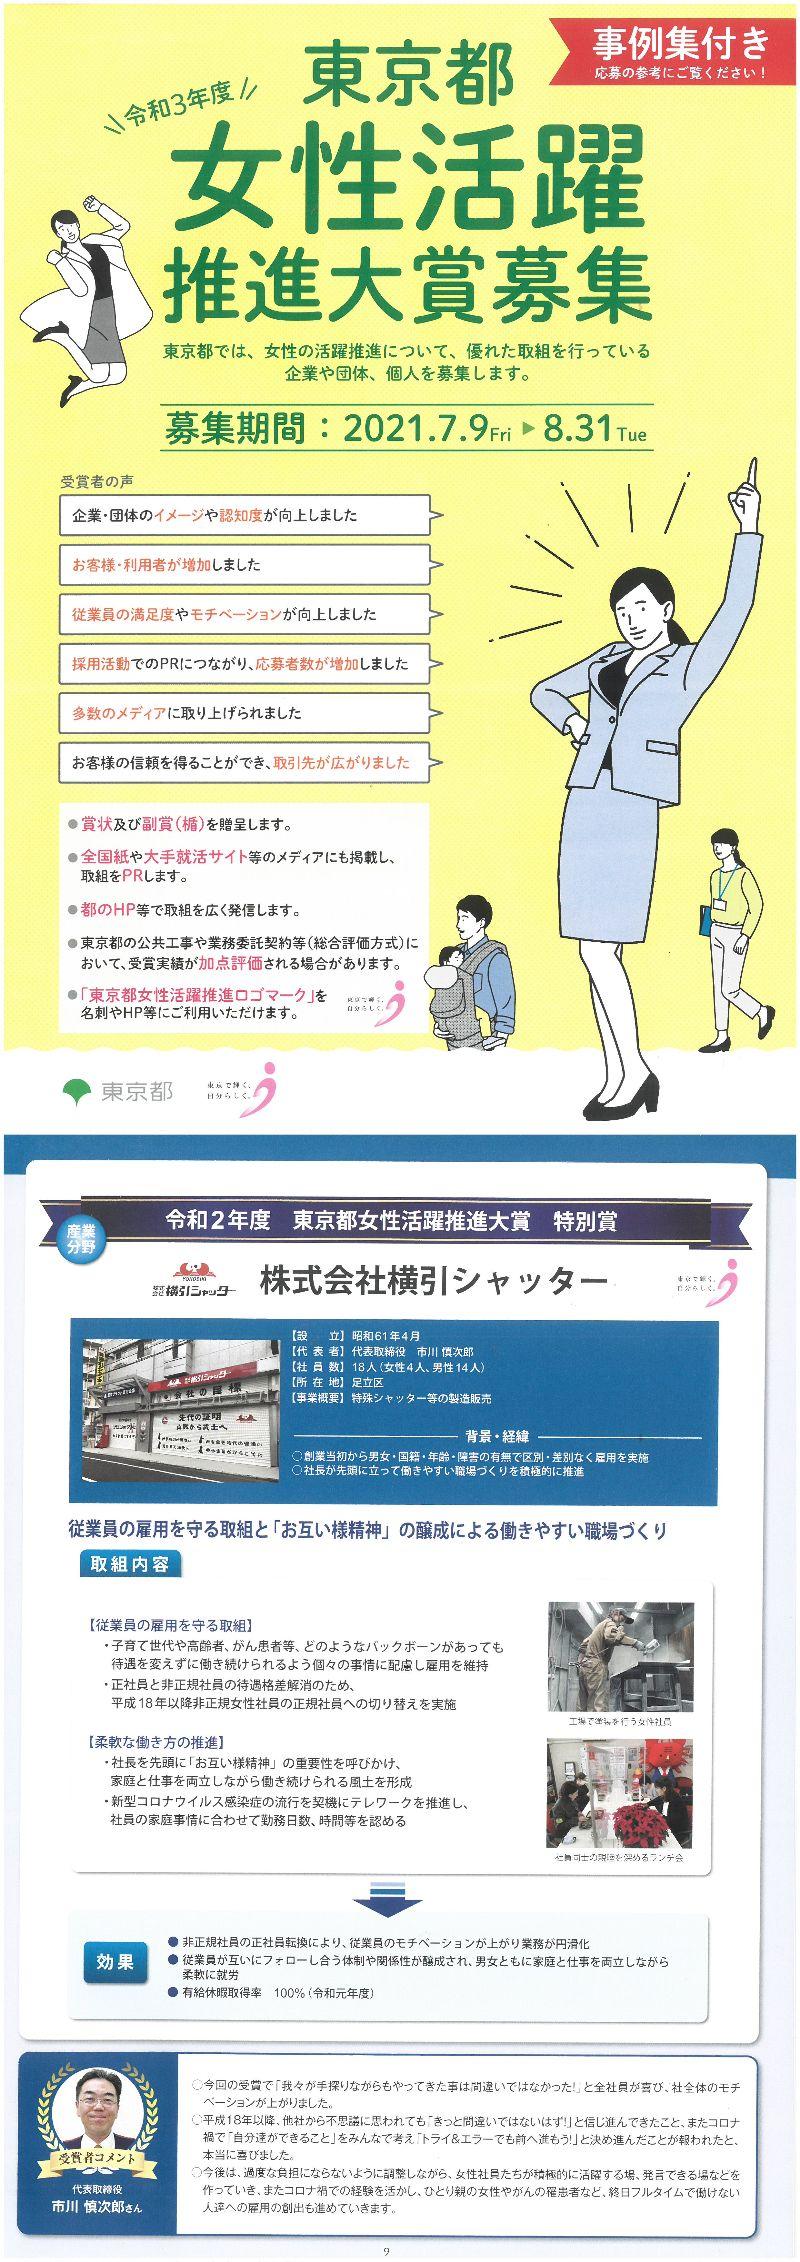 2021年 東京都女性推進大賞 特別賞